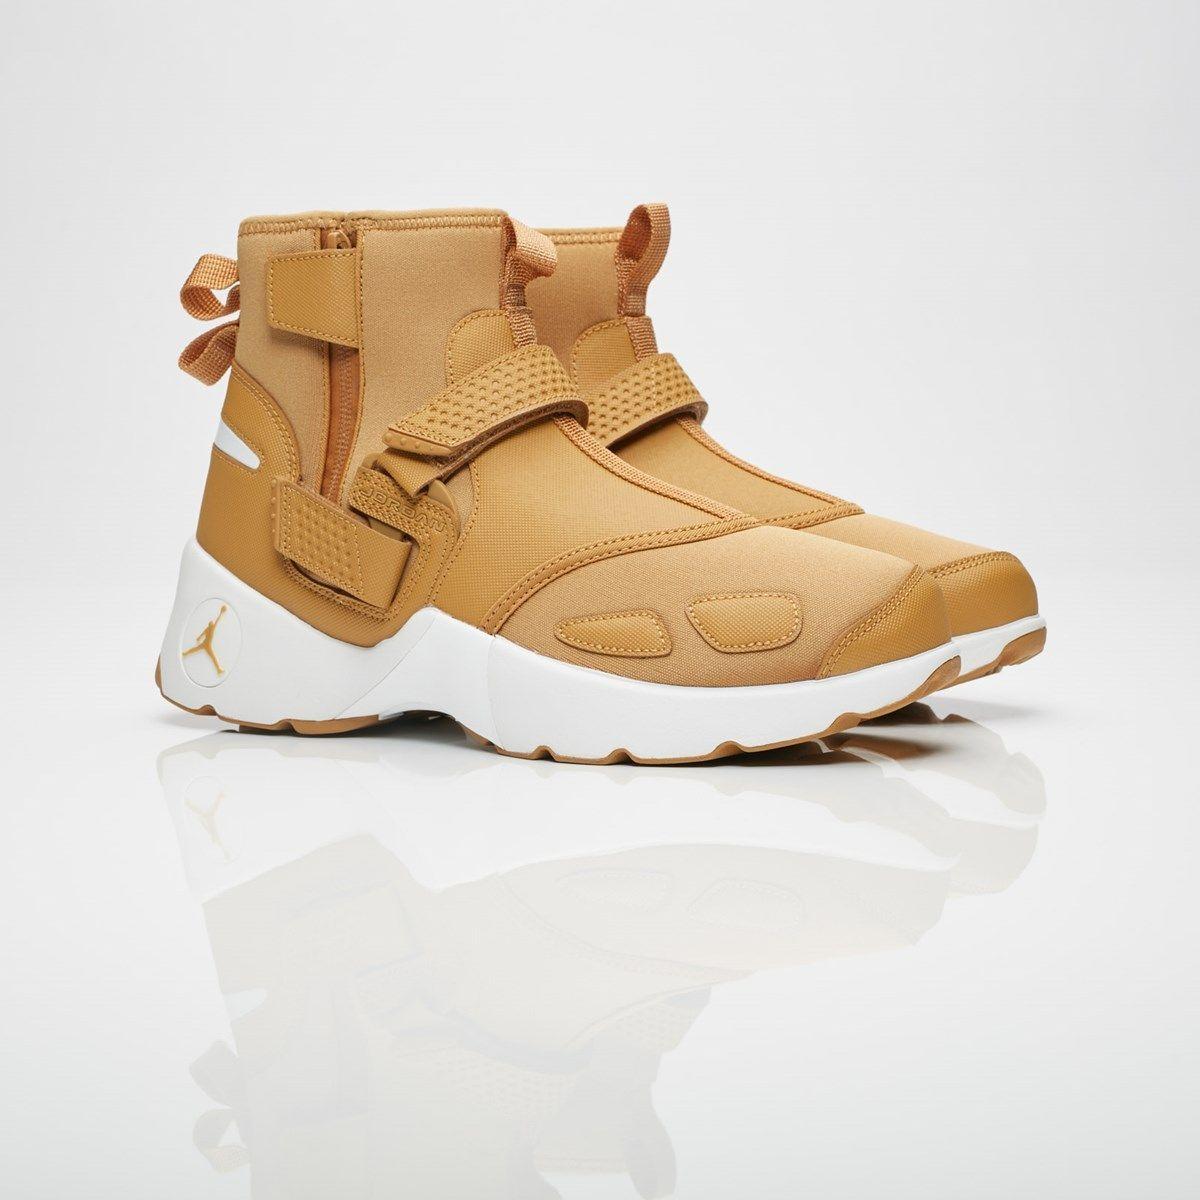 sports shoes f1b91 9a5e9 Jordan Brand Jordan Trunner LX High - Aa1347-725 - Sneakersnstuff    sneakers   streetwear